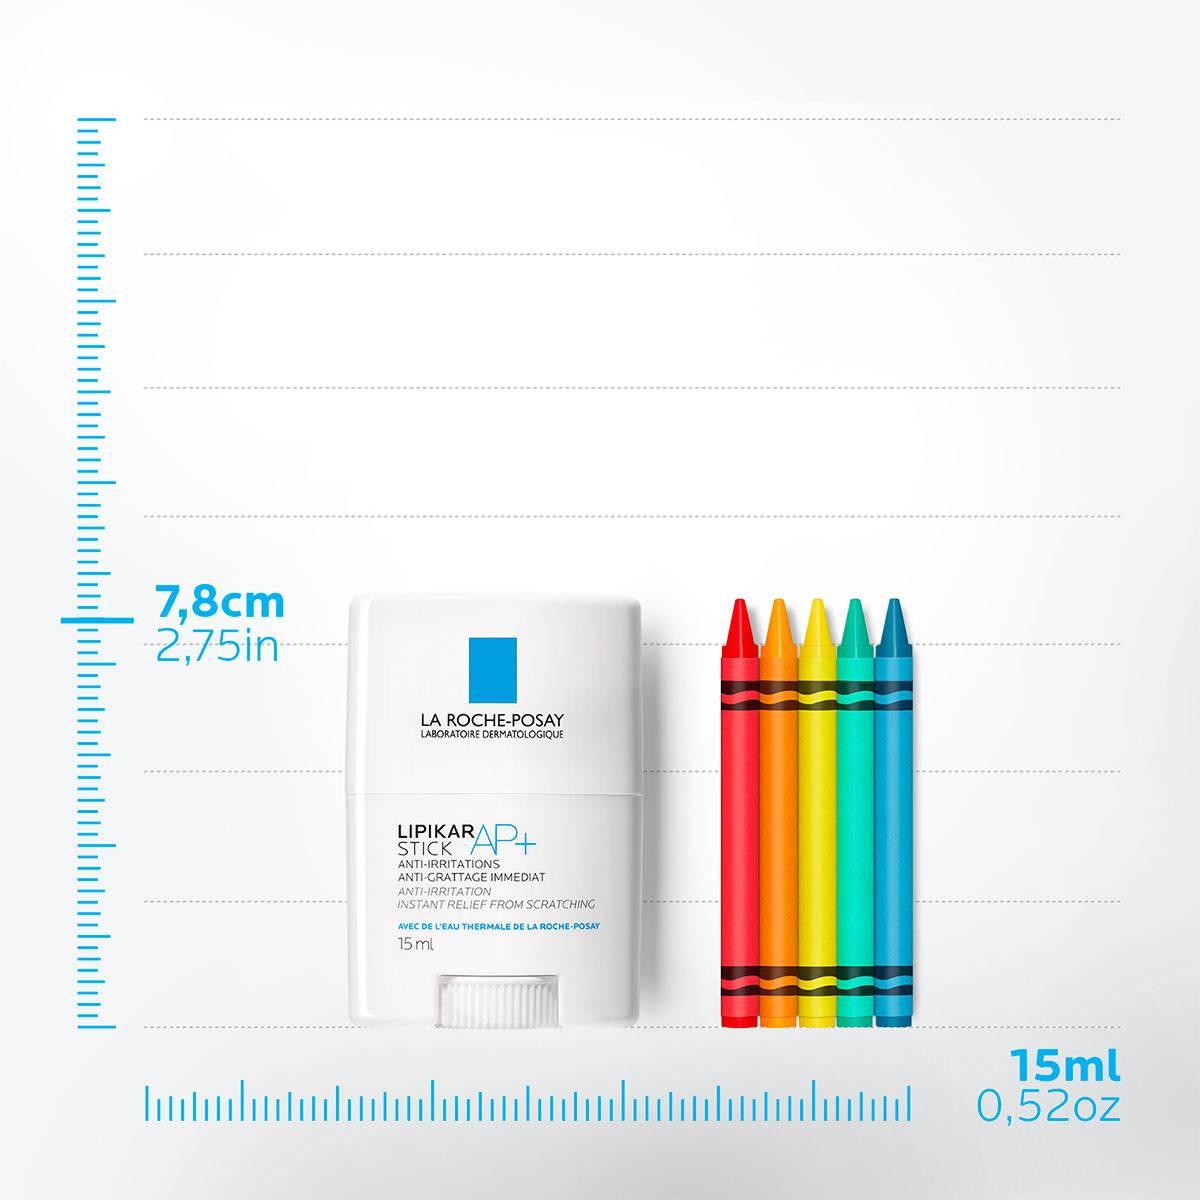 La Roche Posay Tuotesivu Epäpuhtauksiin taipuvaisuus Lipikar Stick AP 15ml 3337875566254